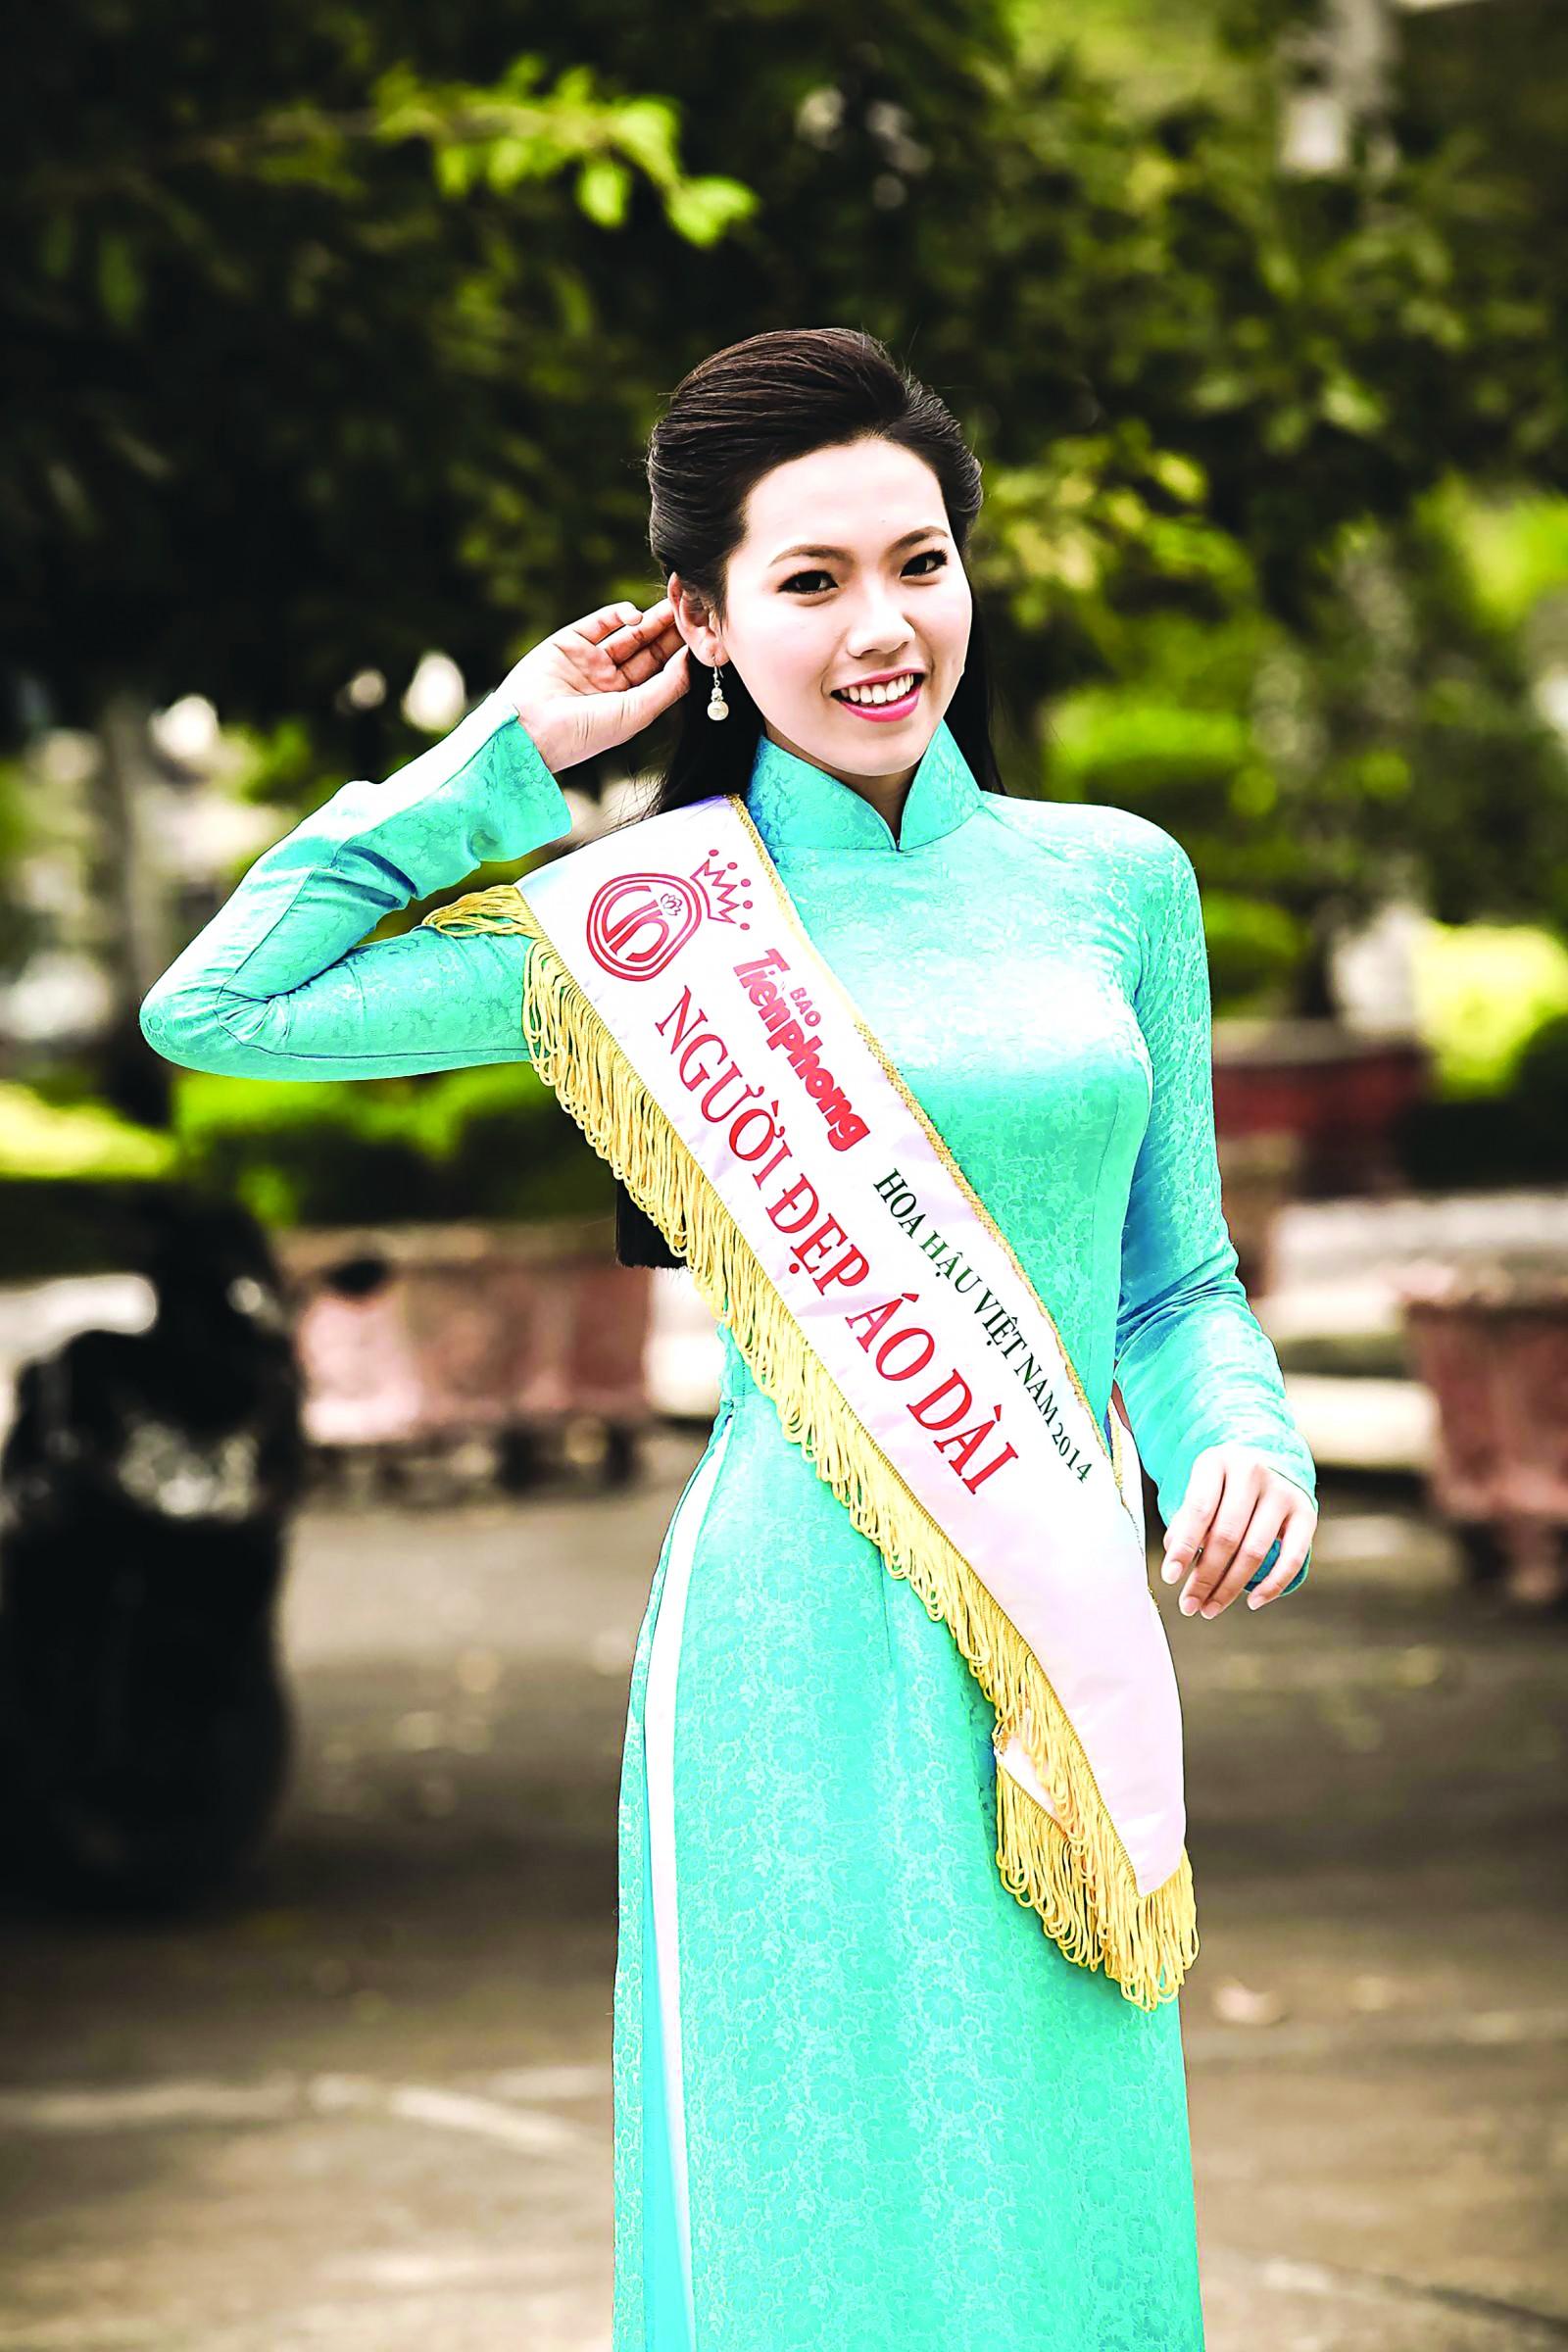 Áo dài luôn làm tôn nét đẹp của người phụ nữ Việt Nam. Trong ảnh: Cô gái Cần Thơ - Trúc Mai đoạt danh hiệu Người đẹp Áo dài tại cuộc thi Hoa hậu Việt Nam 2014.